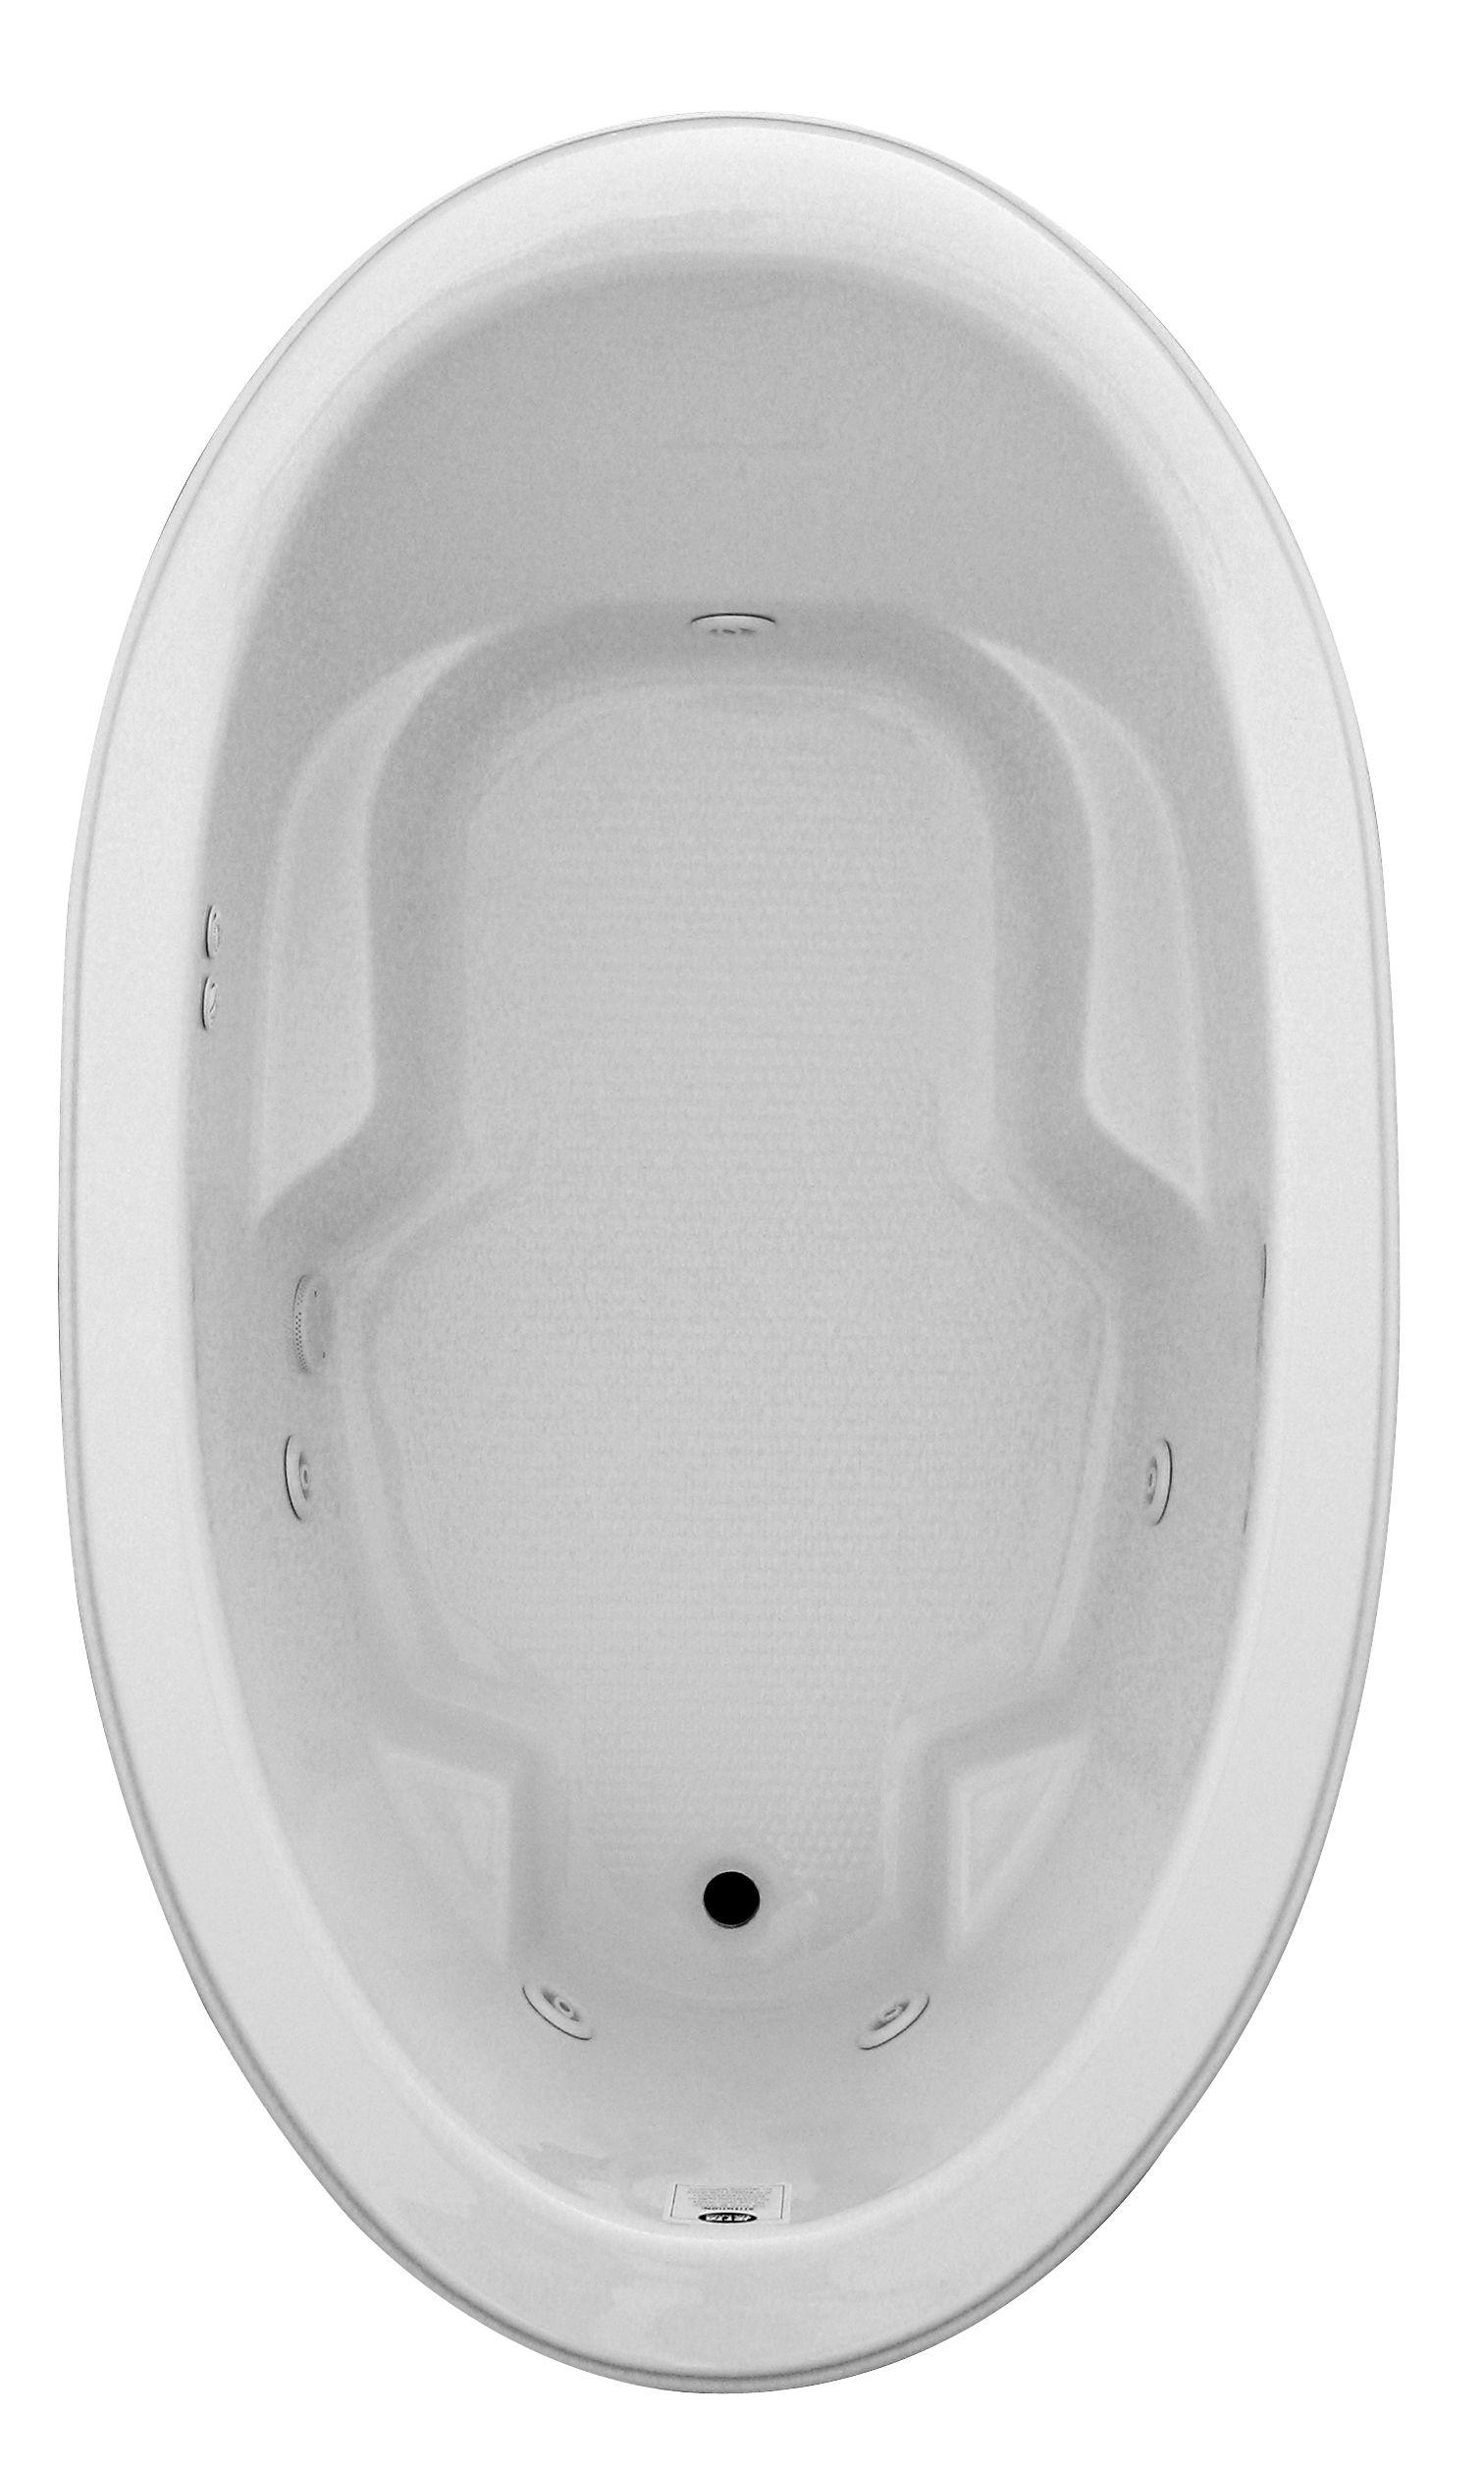 Jetta Classic whirlpool bathtub, J25 Nassau model. Visit www ...